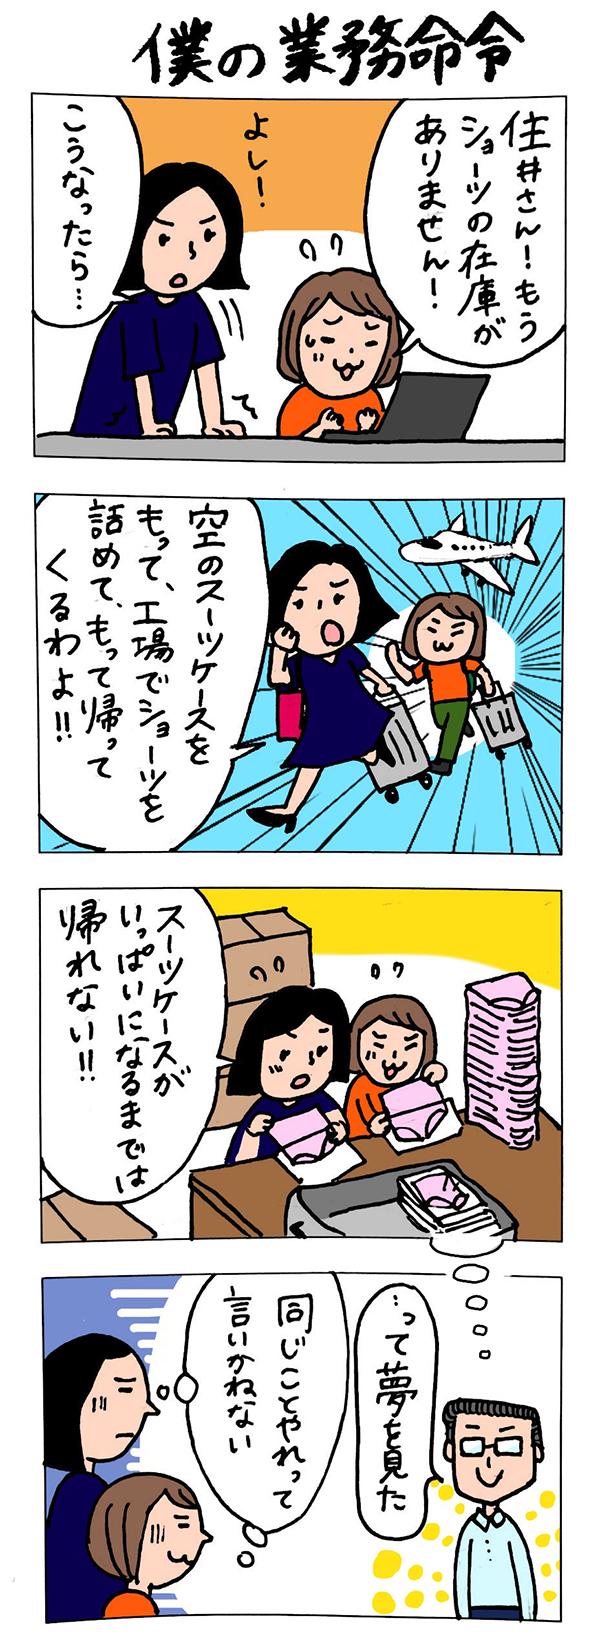 インナー徹課長の4コマ漫画